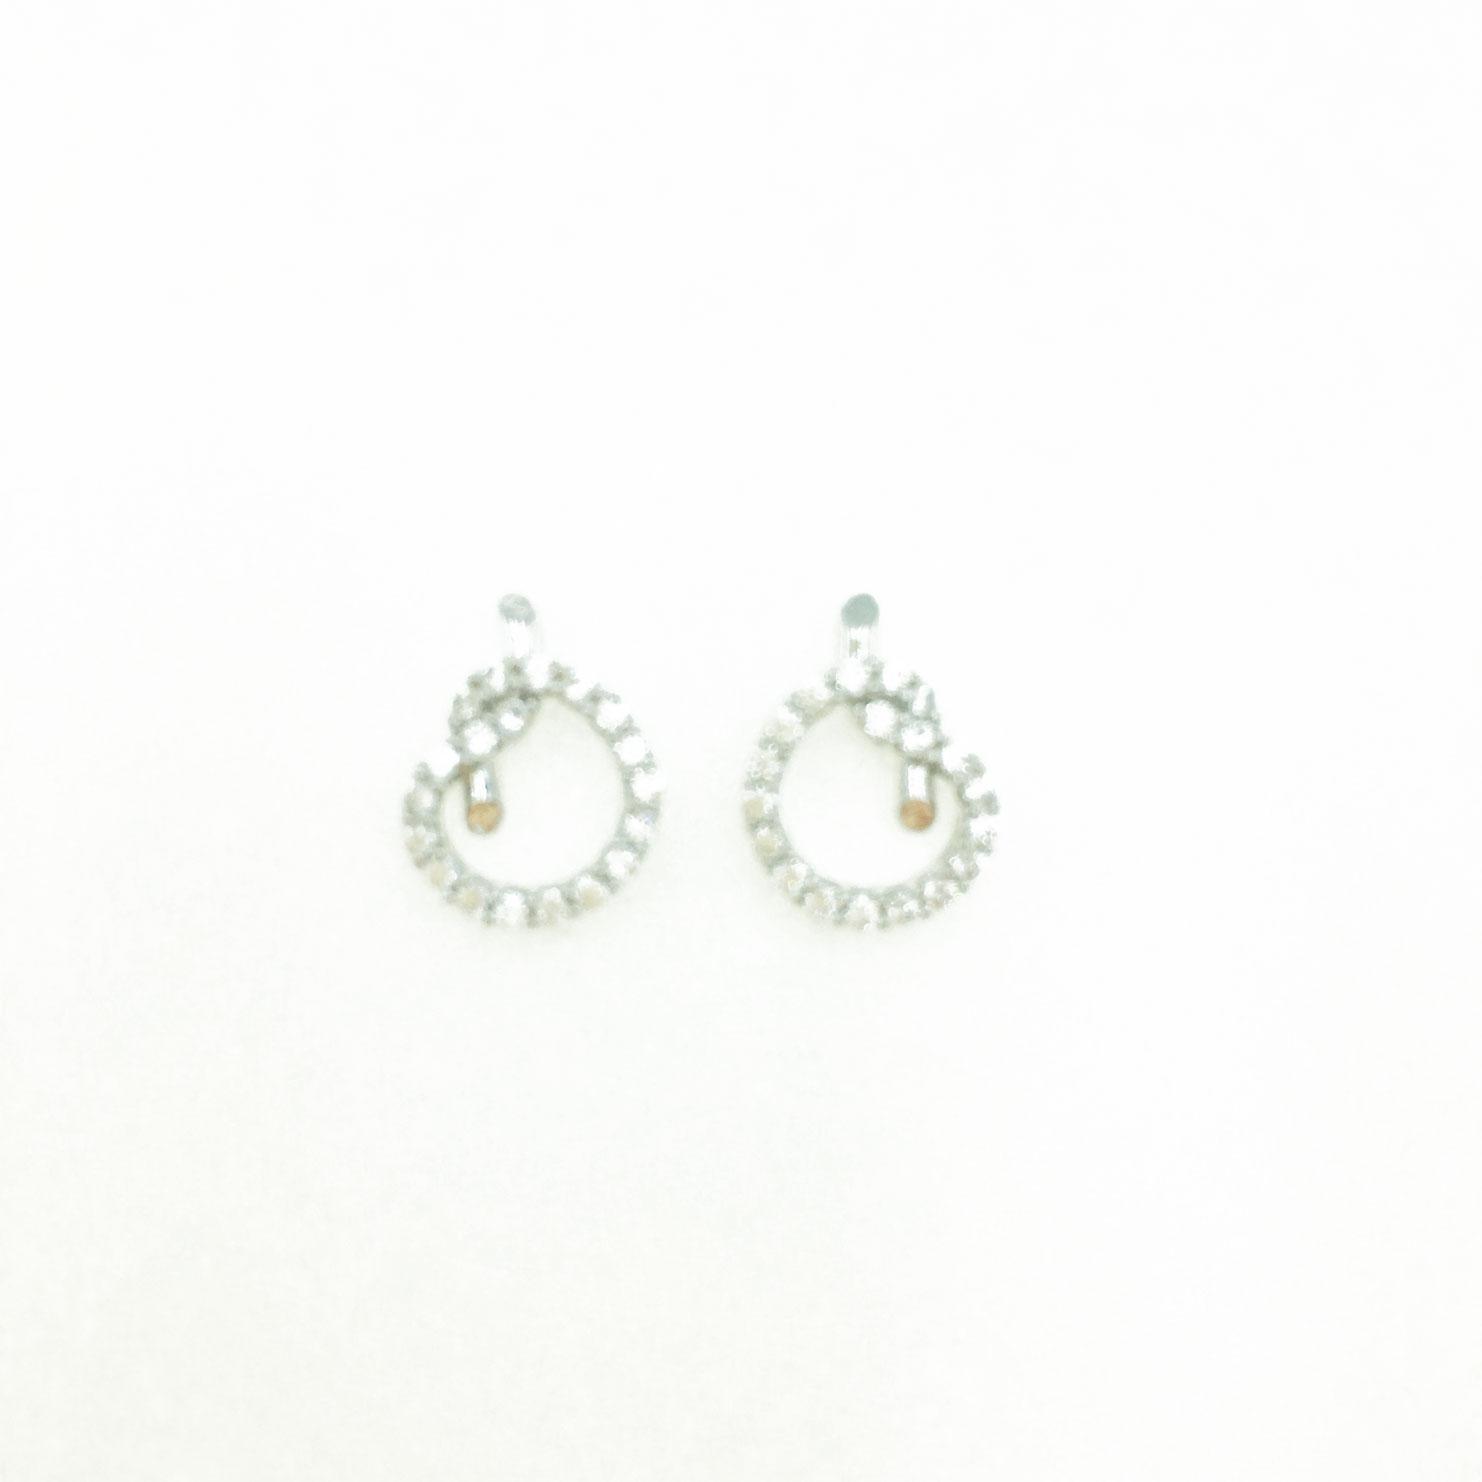 韓國 925純銀 簍空 水鑽 造型結 銀色 明星款飾品 耳針式耳環